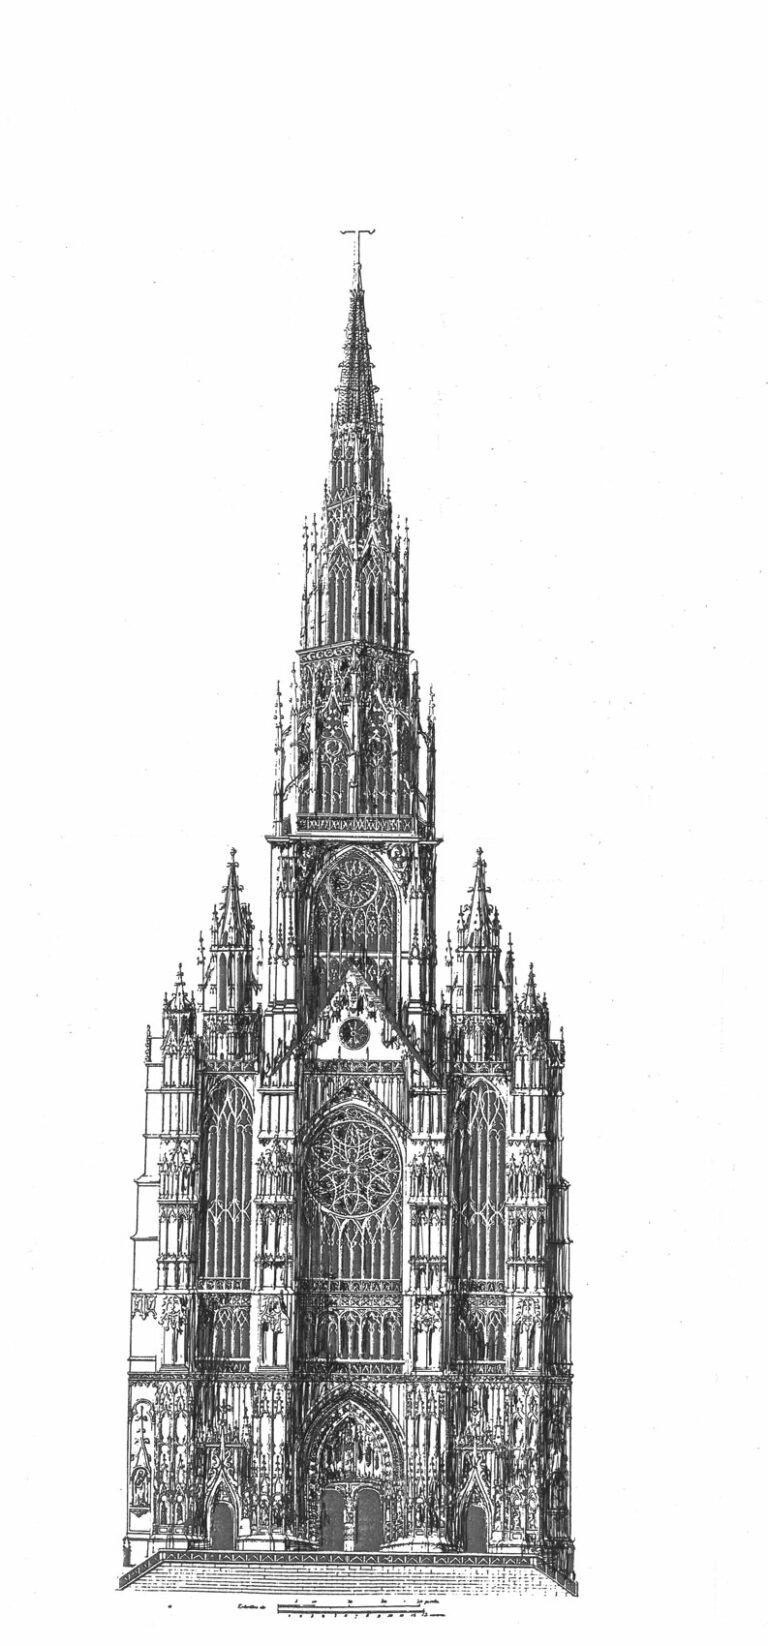 Kathedrale von Beauvais mit vollständig ausgebautem Vierungsturm und dem Langhaus mit den stumpf geplanten Westtürmen. Fassadenentwurf von